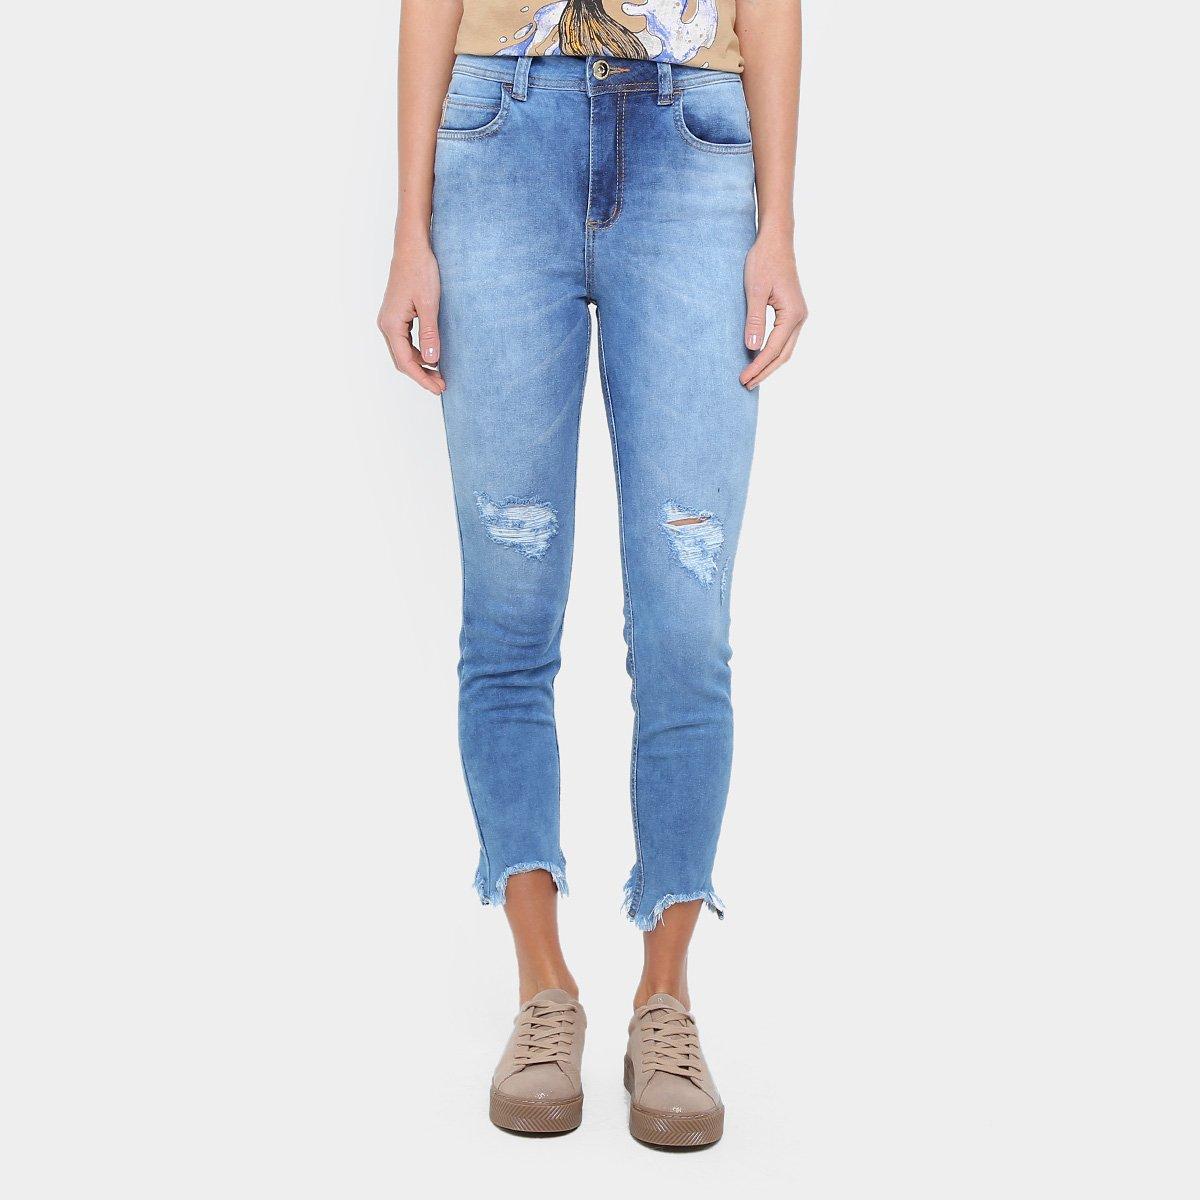 61a3584aa Calça Jeans Skinny Colcci Bia Cintura Alta Feminina - Jeans | Zattini